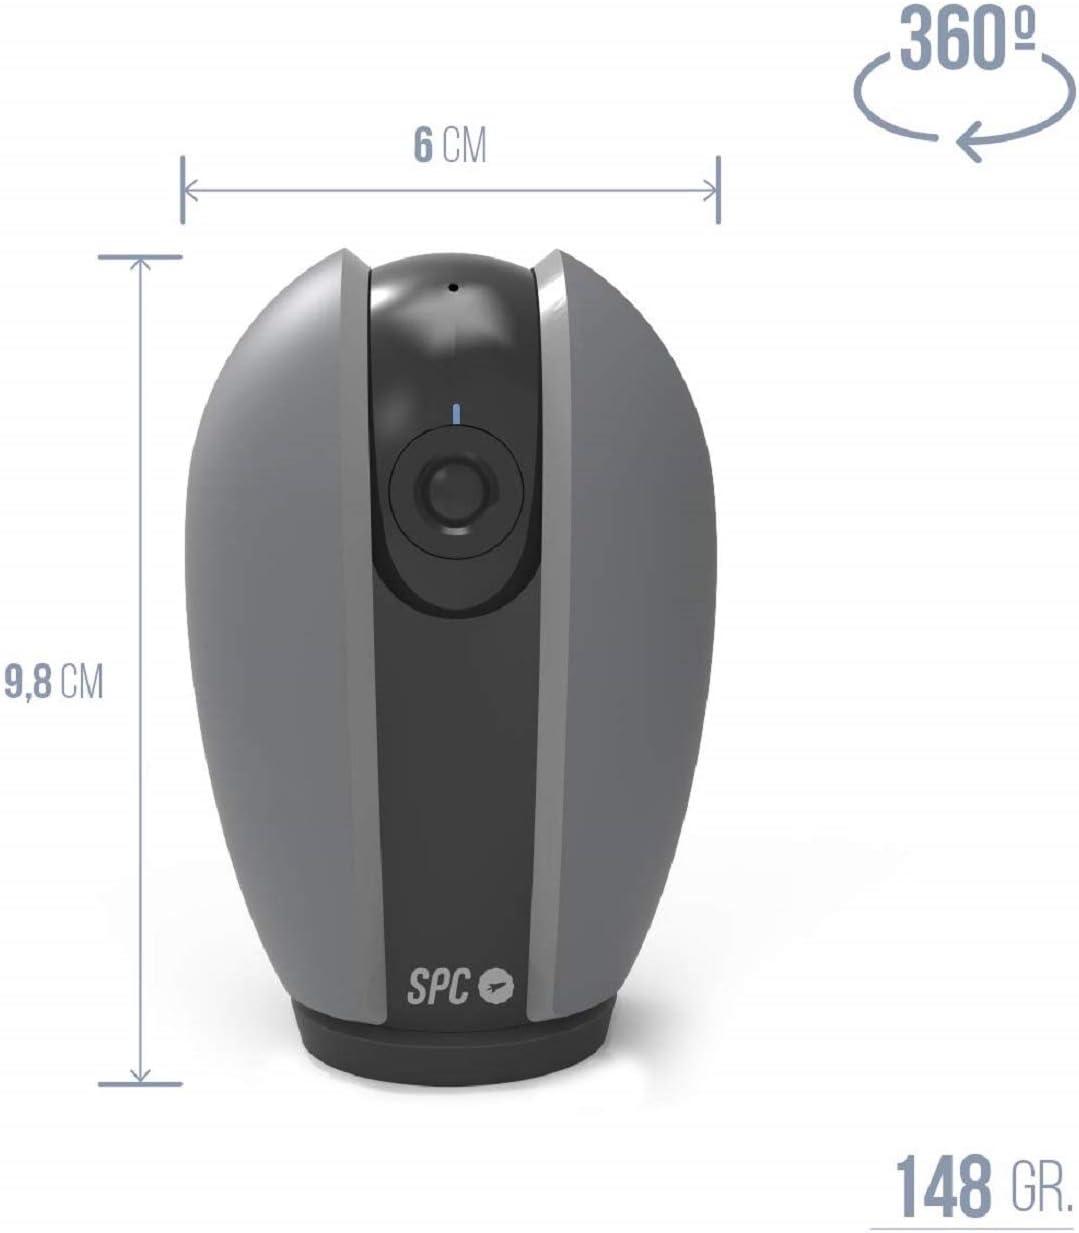 SPC 6912K Kit Indoor Video Watching Smart Compuesto Lares + Cámara de Seguridad Wi-Fi Teia, Compatible con Amazon Alexa y Google Home: Spc-Internet: Amazon.es: Electrónica